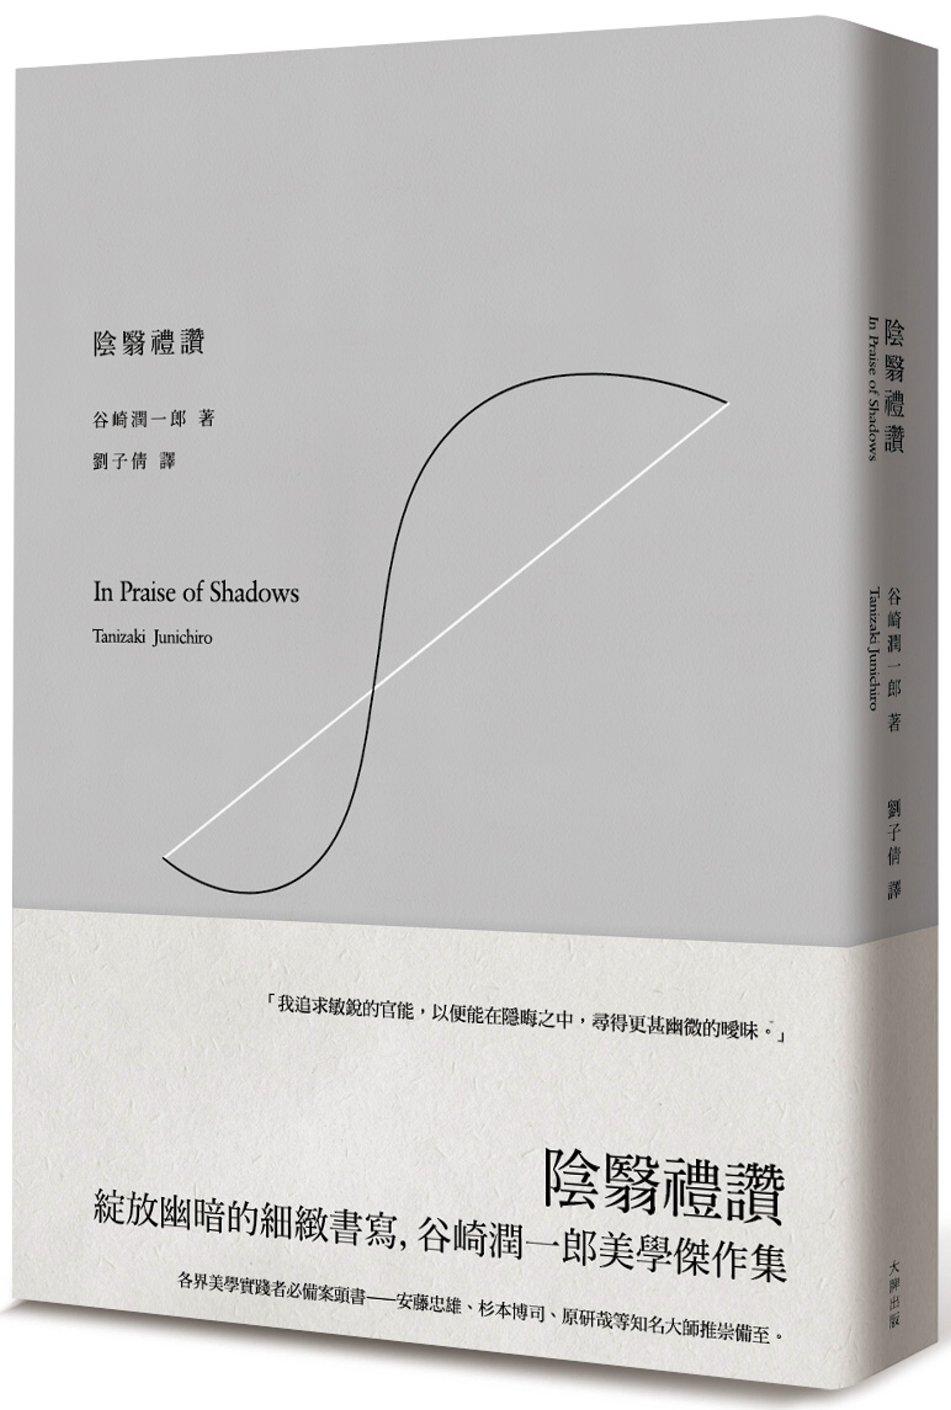 陰翳禮讚:綻放幽暗的細緻書寫,谷崎潤一郎美學傑作集